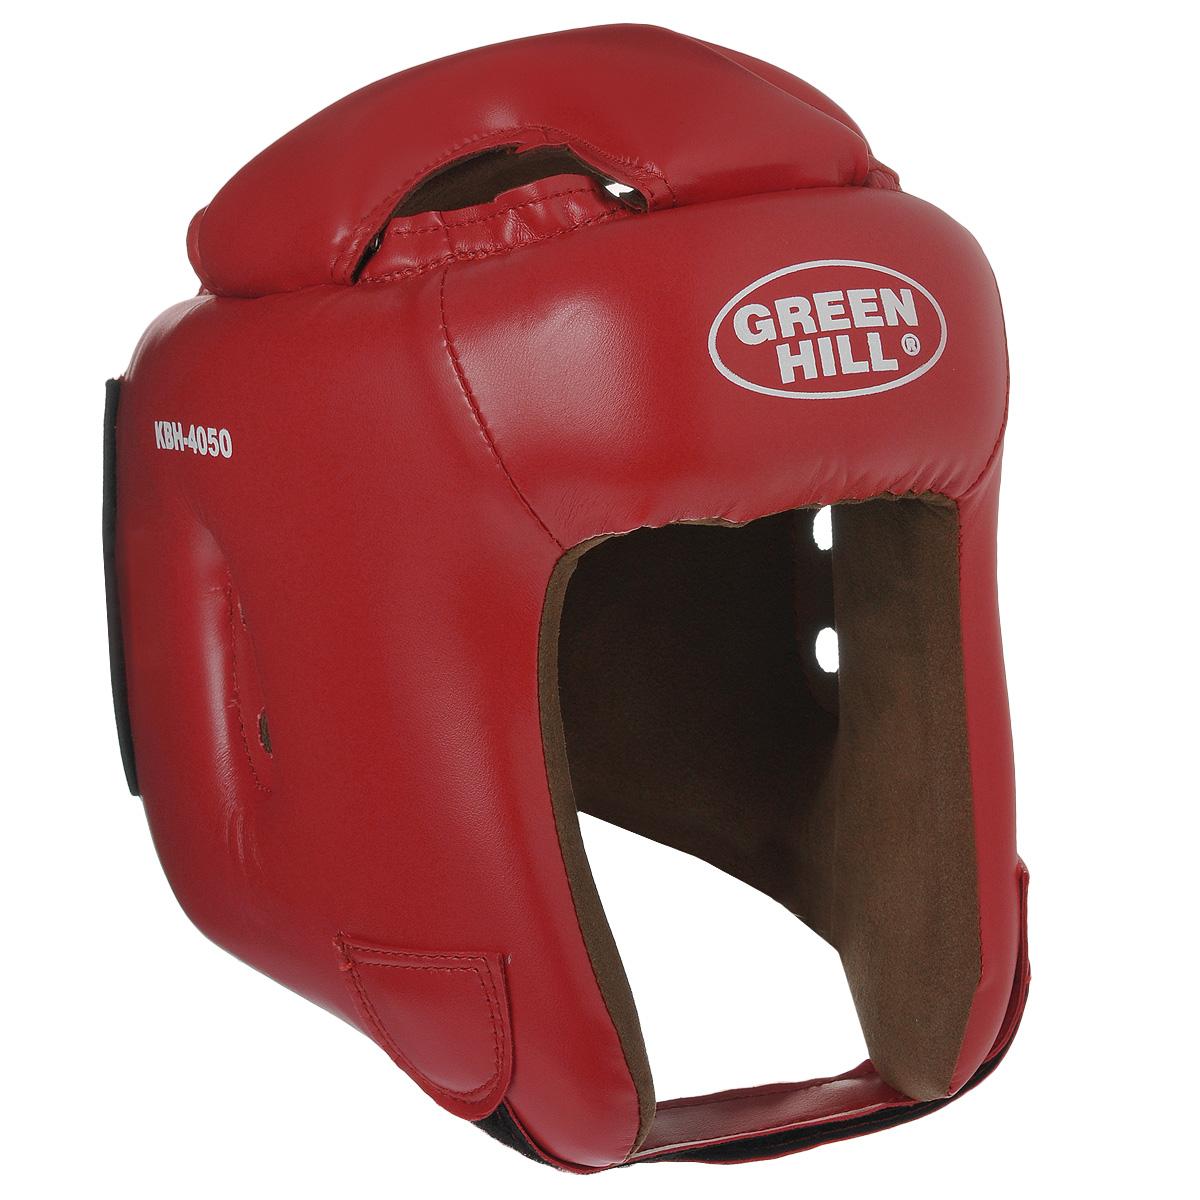 Шлем боксерский Green Hill Brave, цвет красный. Размер M (54-56 см)KBH-4050Шлем Green Hill Brave с усиленной защитой теменной области предназначен для занятий боксом и кикбоксингом. Подходит для тренировок и соревнований. Крепление сзади на резинке и под подбородком на липучке крепко удерживают шлем на голове. Верх выполнен из высококачественного кожзаменителя, подкладка из искусственной замши.